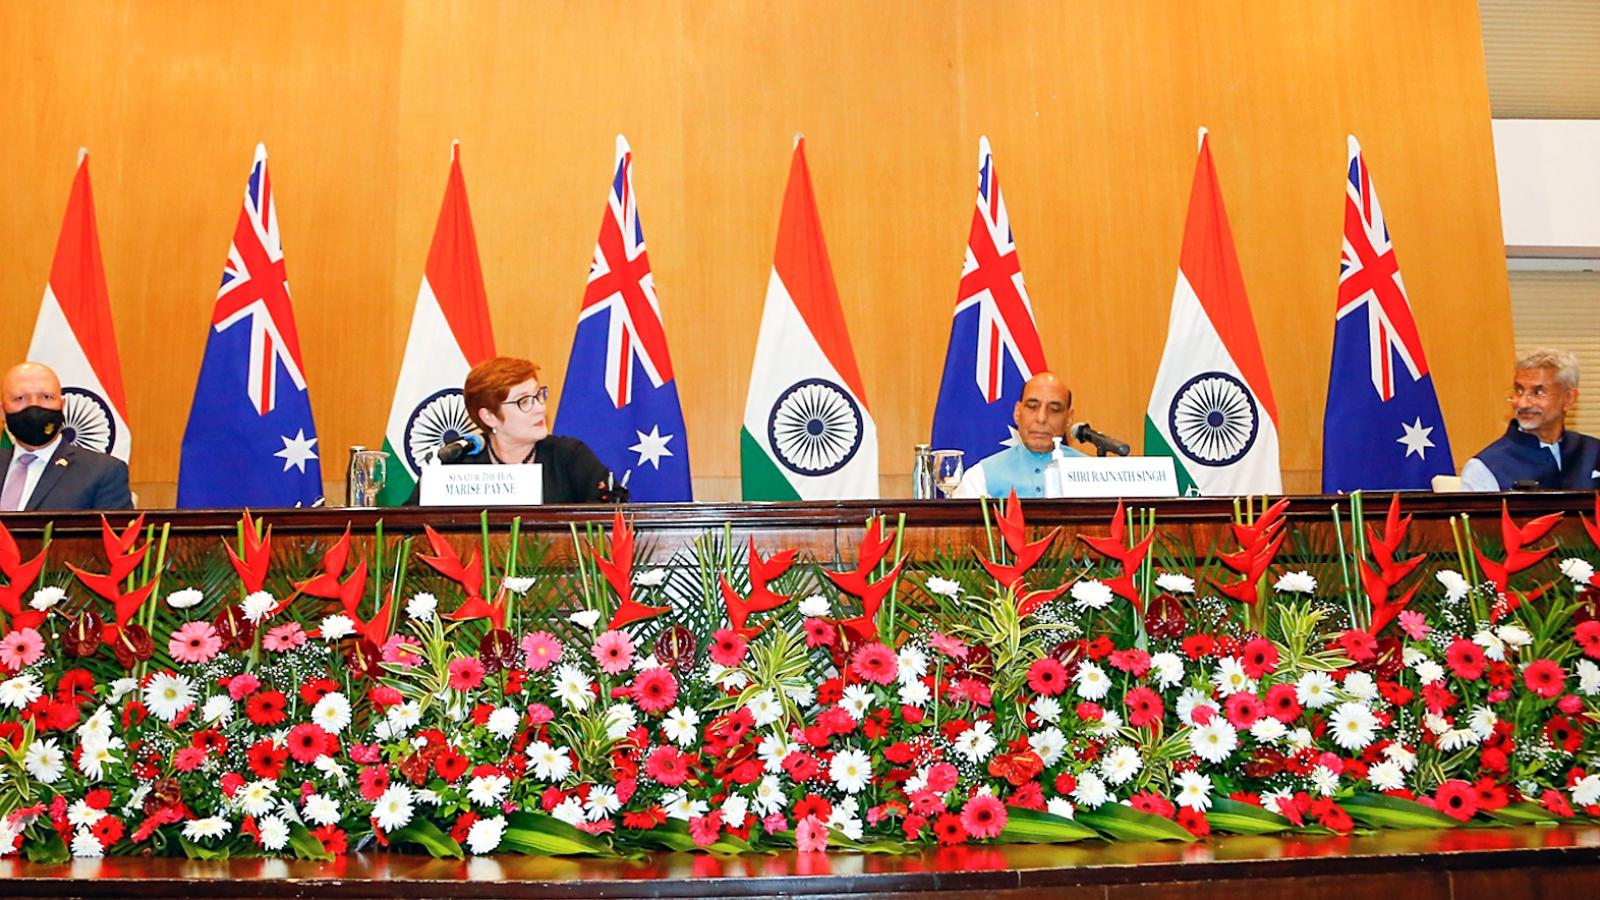 Quad hướng về tương lai, mong muốn Ấn Độ Dương - Thái Bình Dương tự do và an ninh